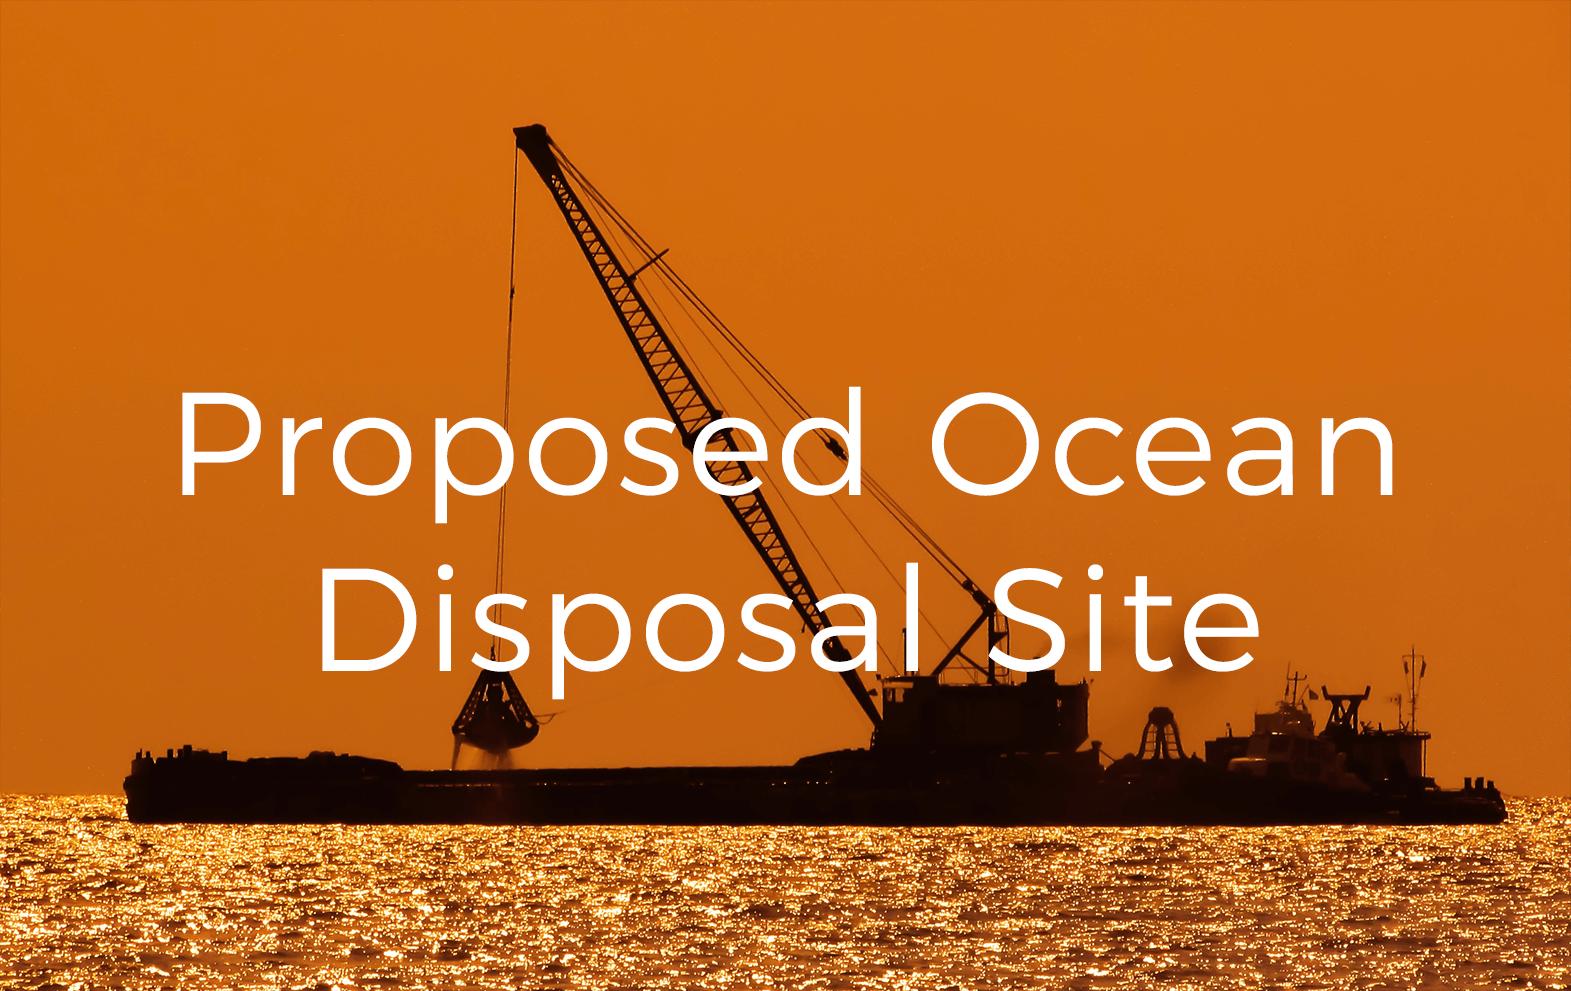 Proposed Ocean Disposal Site